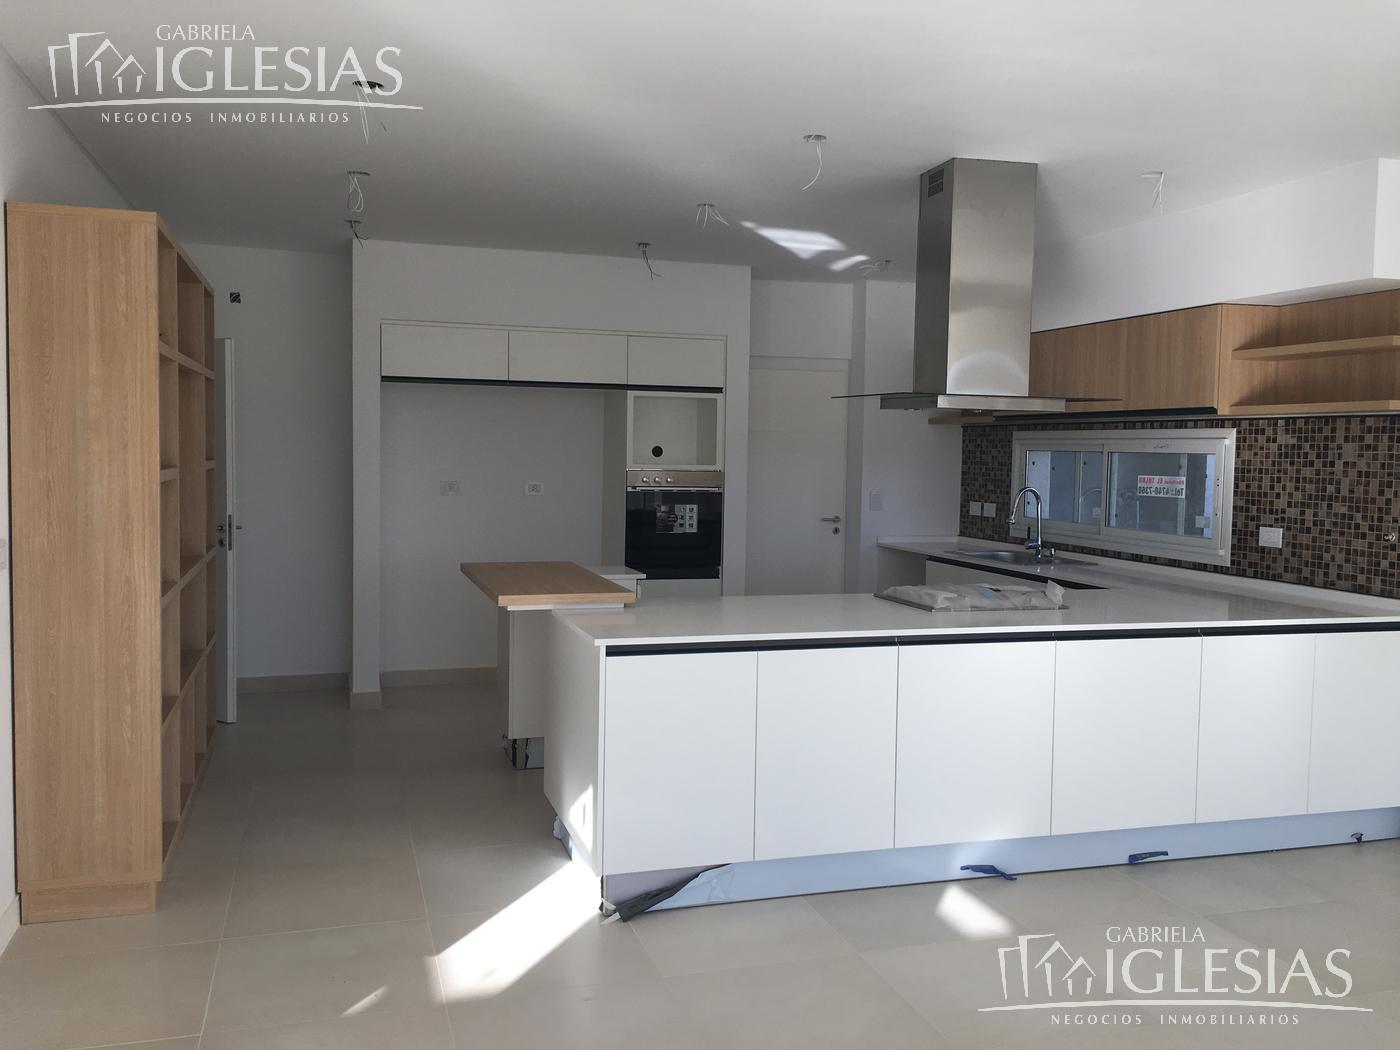 Casa en Venta en Nordelta Lagos del Golf a Venta - u$s 1.050.000